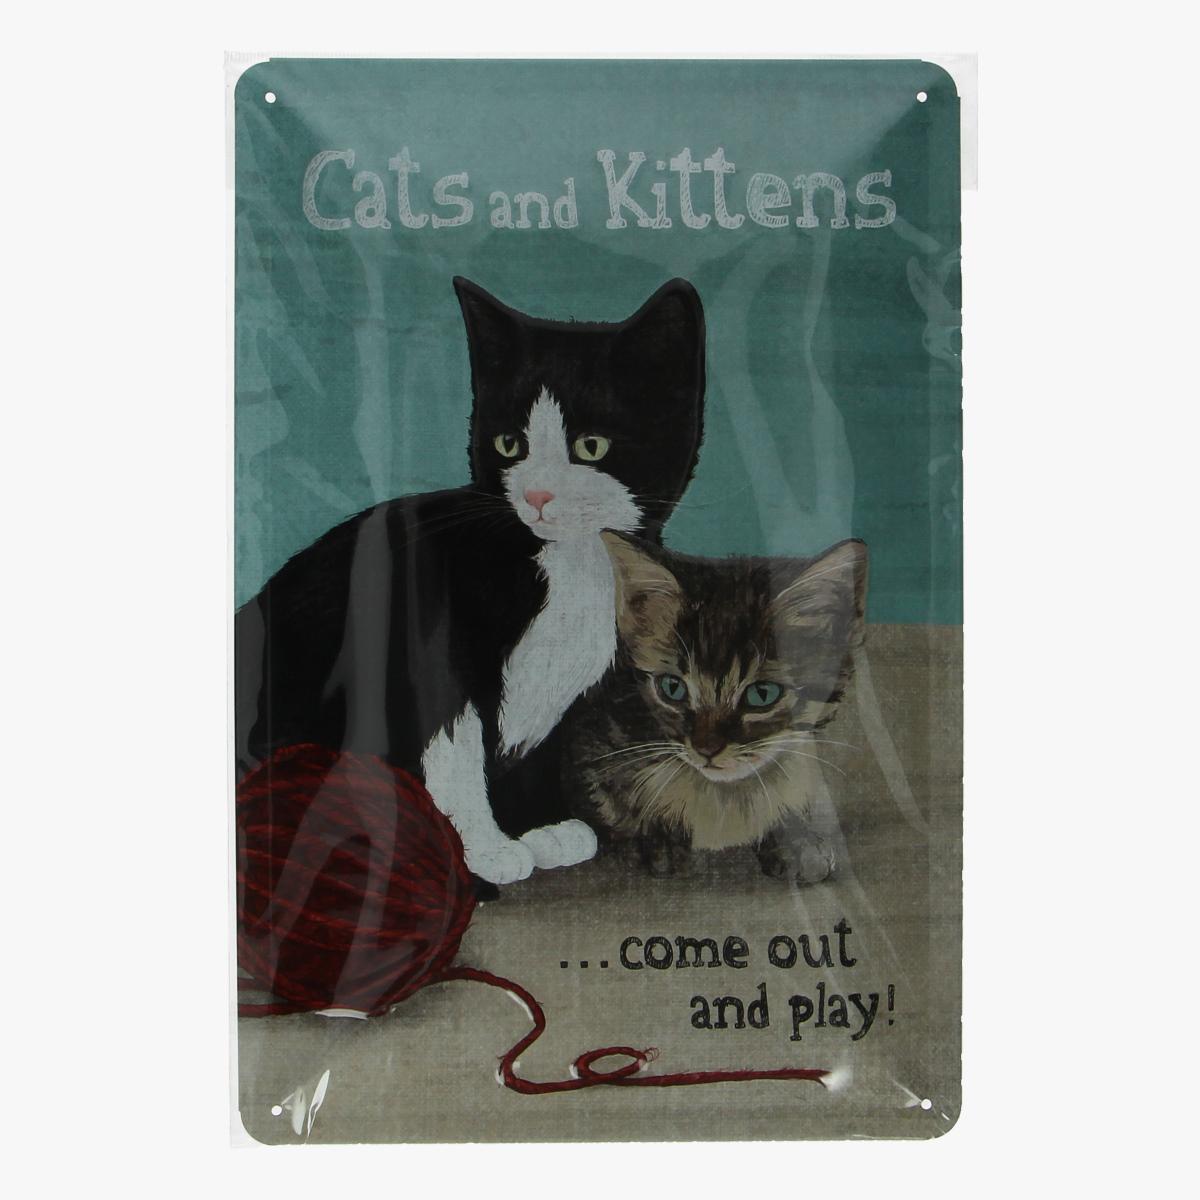 Afbeeldingen van blikken bordje Cats and Kittens geseald